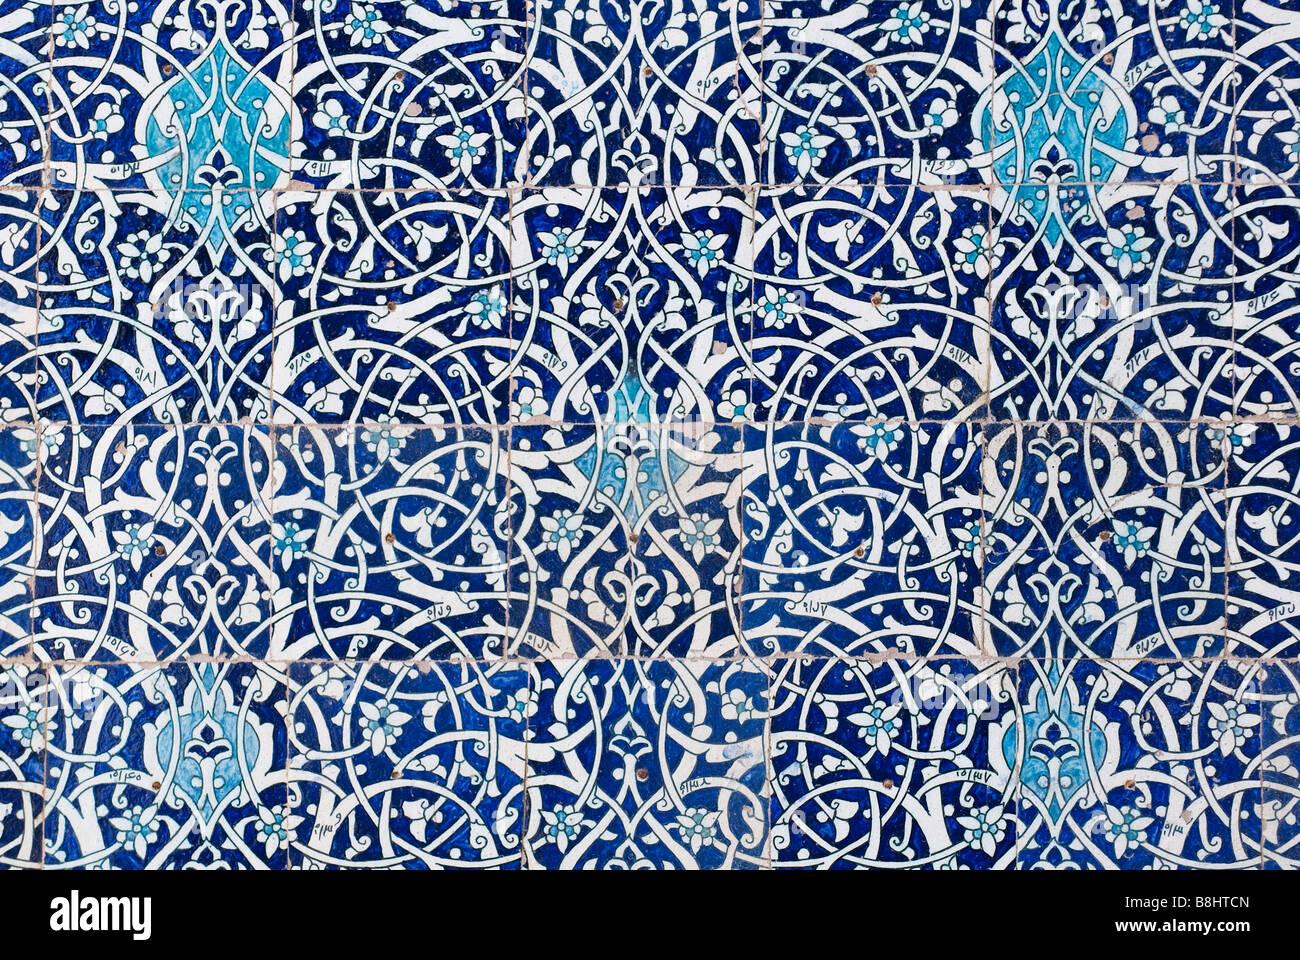 Sfondo piastrelle decorazioni orientali da Uzbekistan Immagini Stock